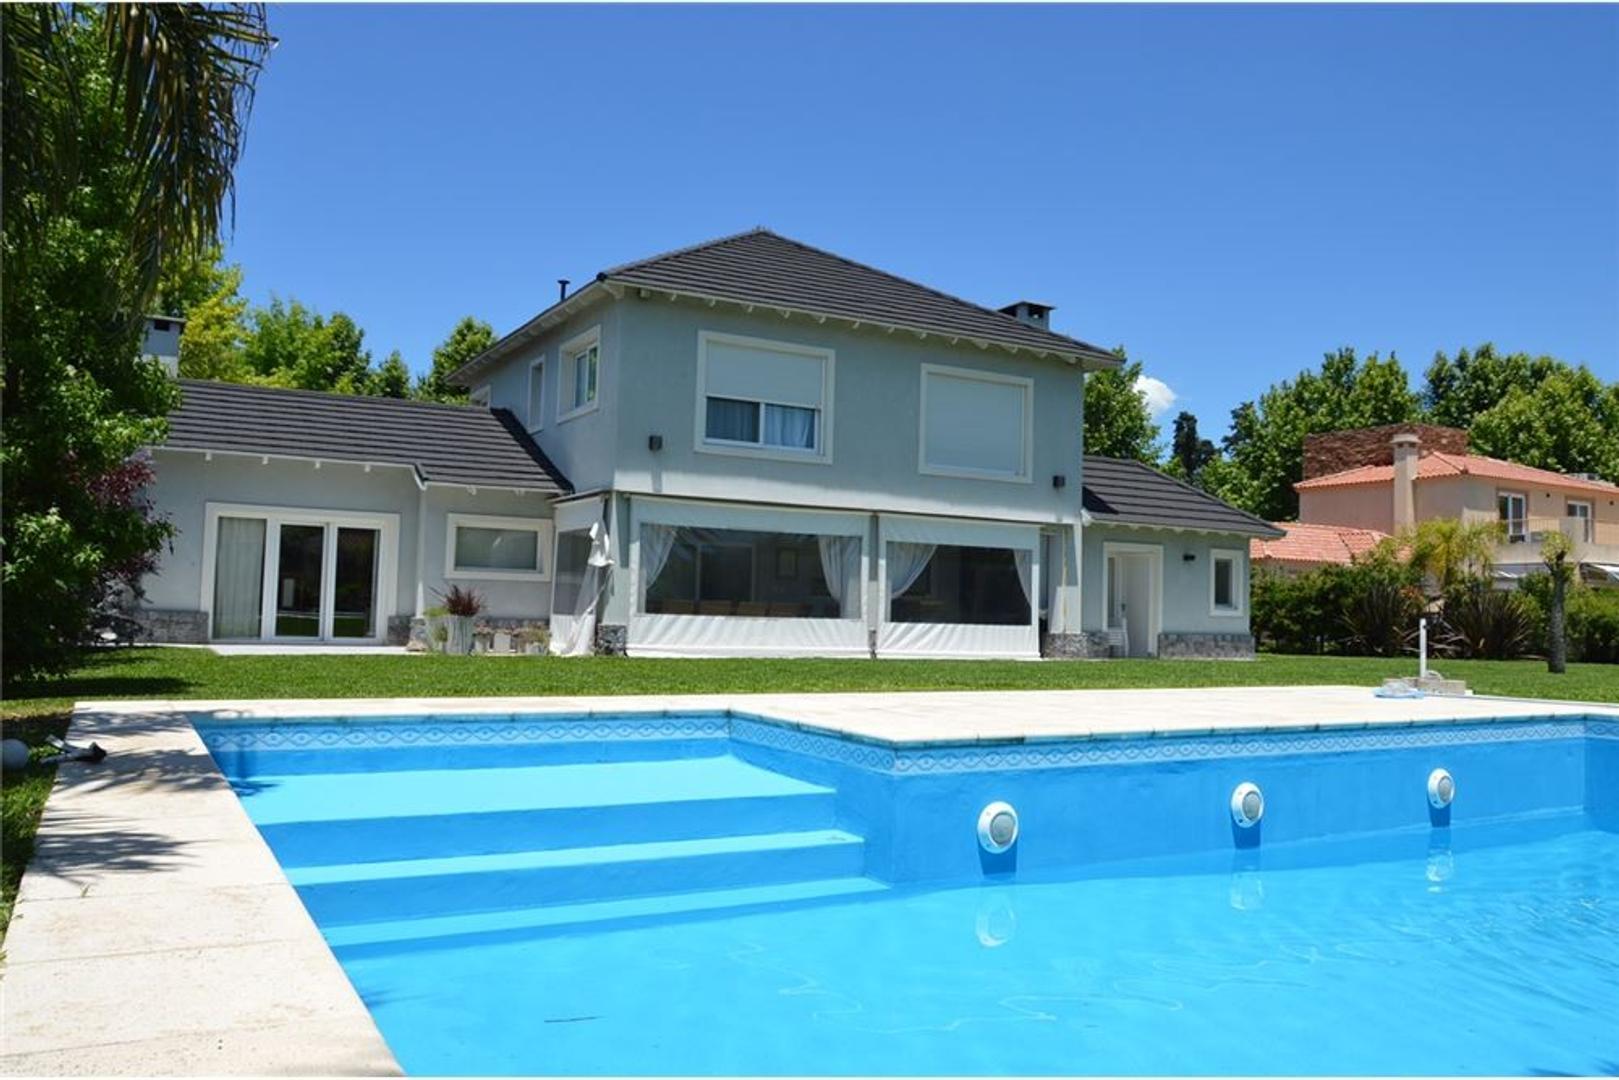 Venta, casa, Sausalito ,Pilar, s/lote central 1200